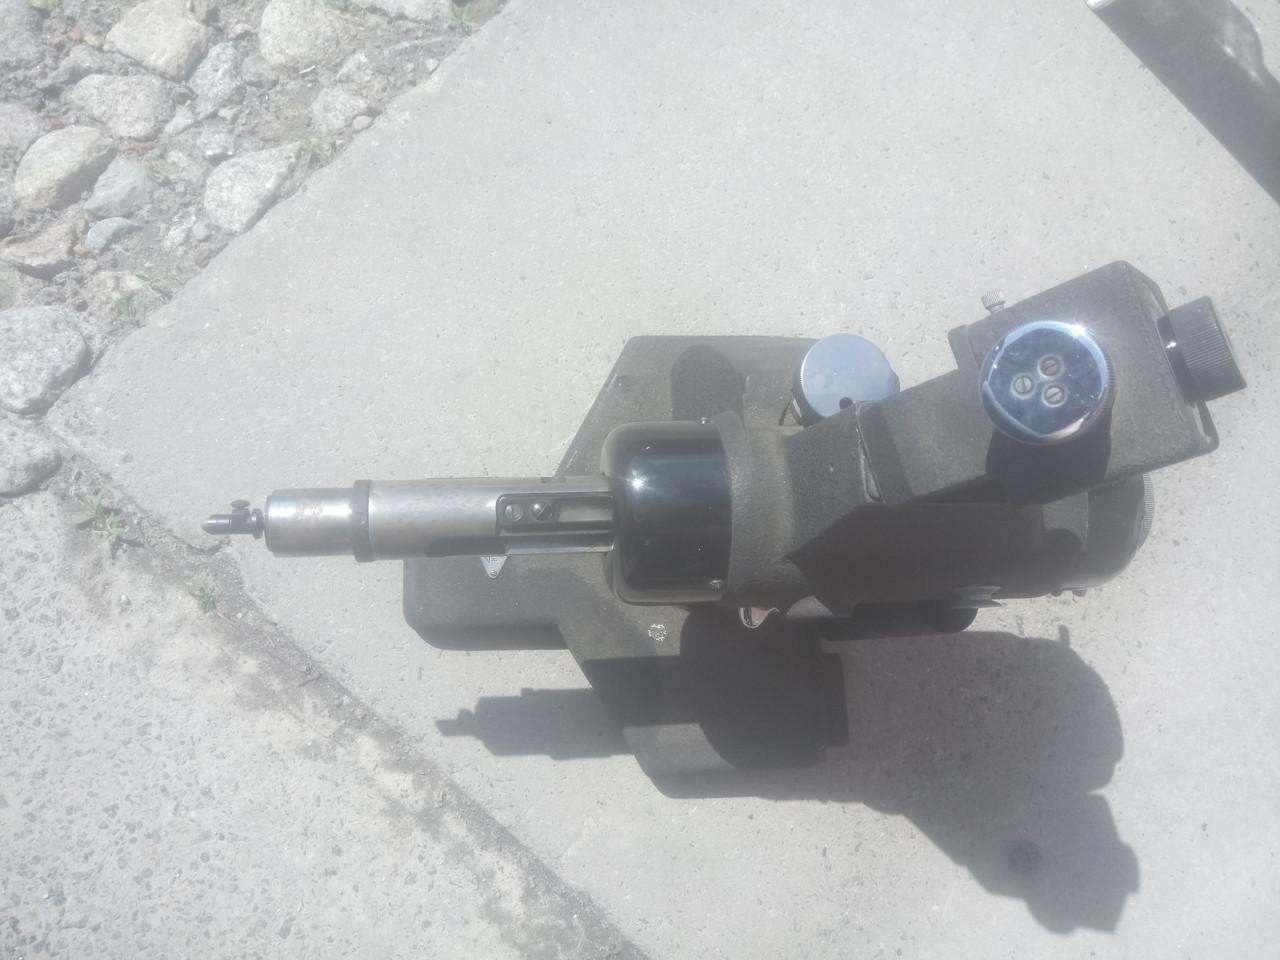 Длиномер горизонтальный  КИЗ-2, фото 1